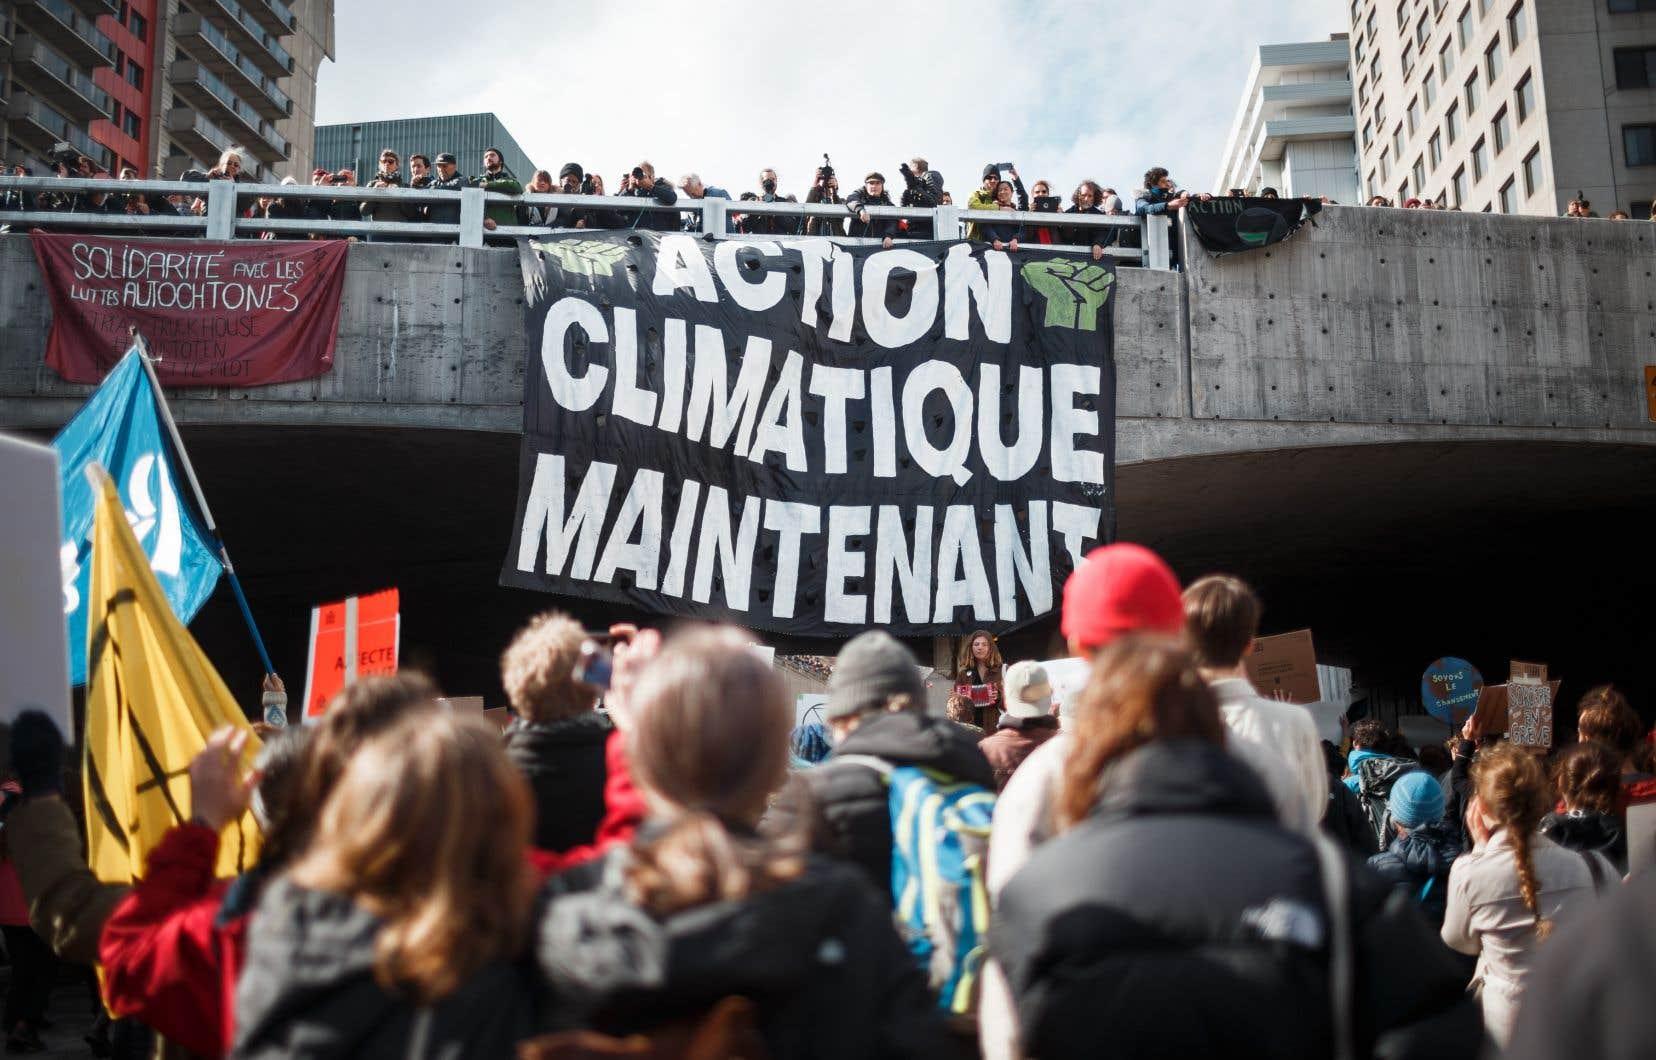 Les auteurs demandent au gouvernement de mettre en place une stratégie de décarbonisation de l'économie québécoise.